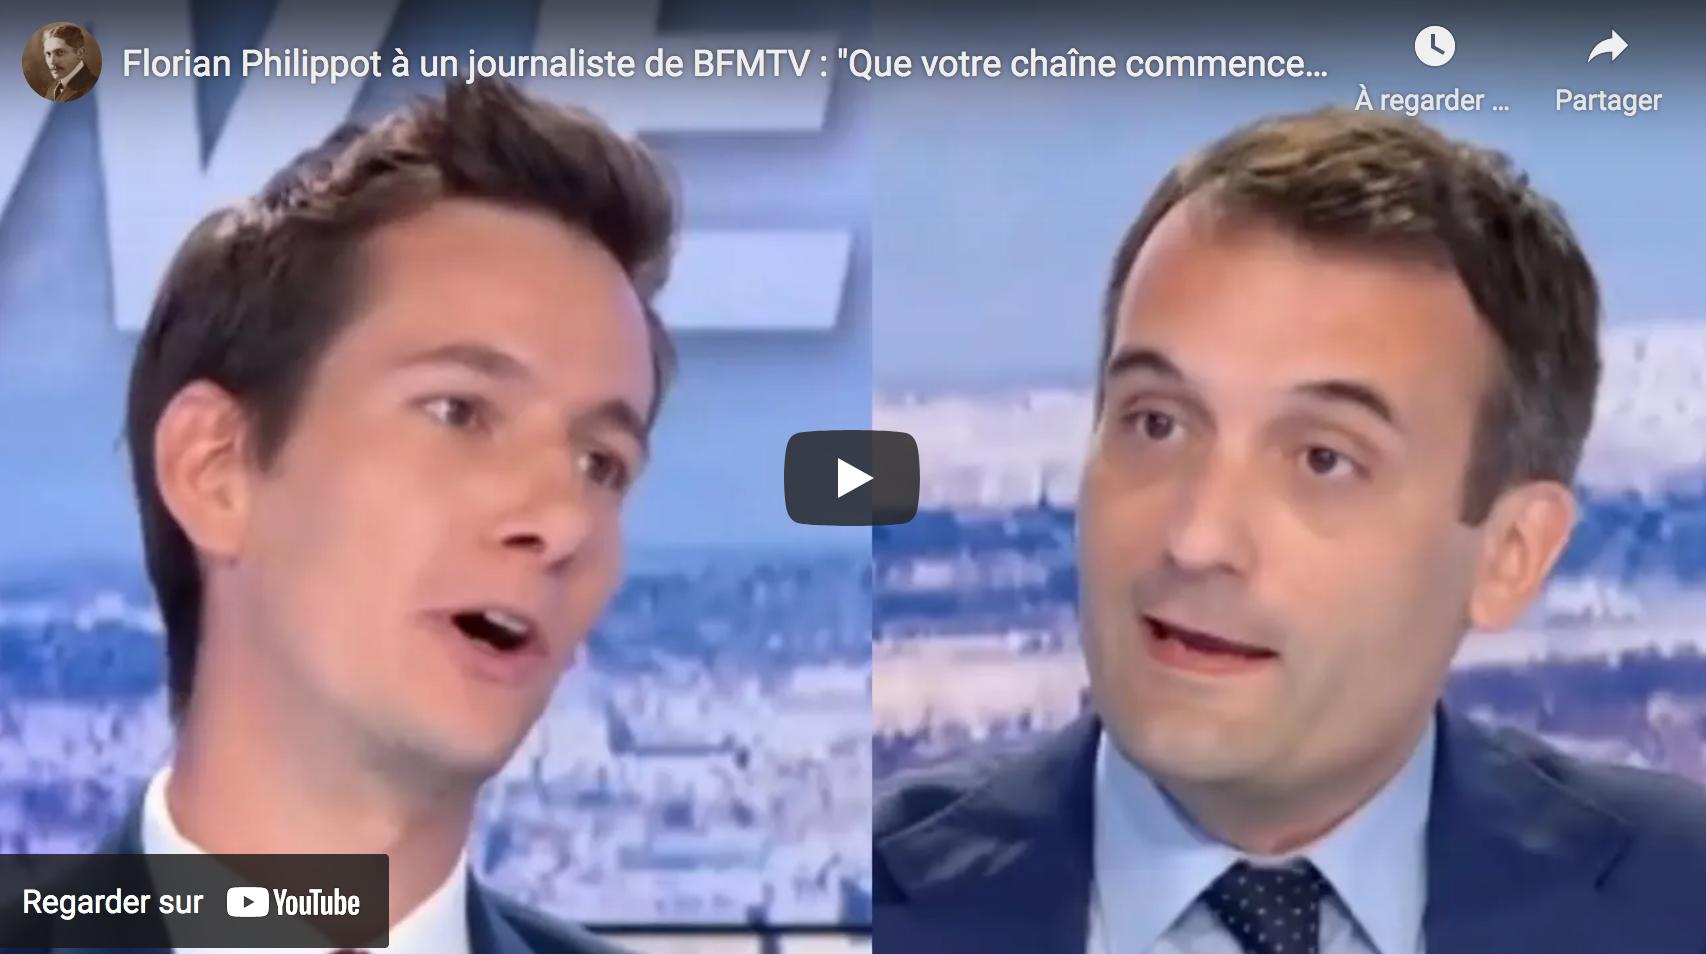 """Florian Philippot à un journaliste de BFMTV : """"Que votre chaîne commence à se poser des questions !"""" (VIDÉO)"""